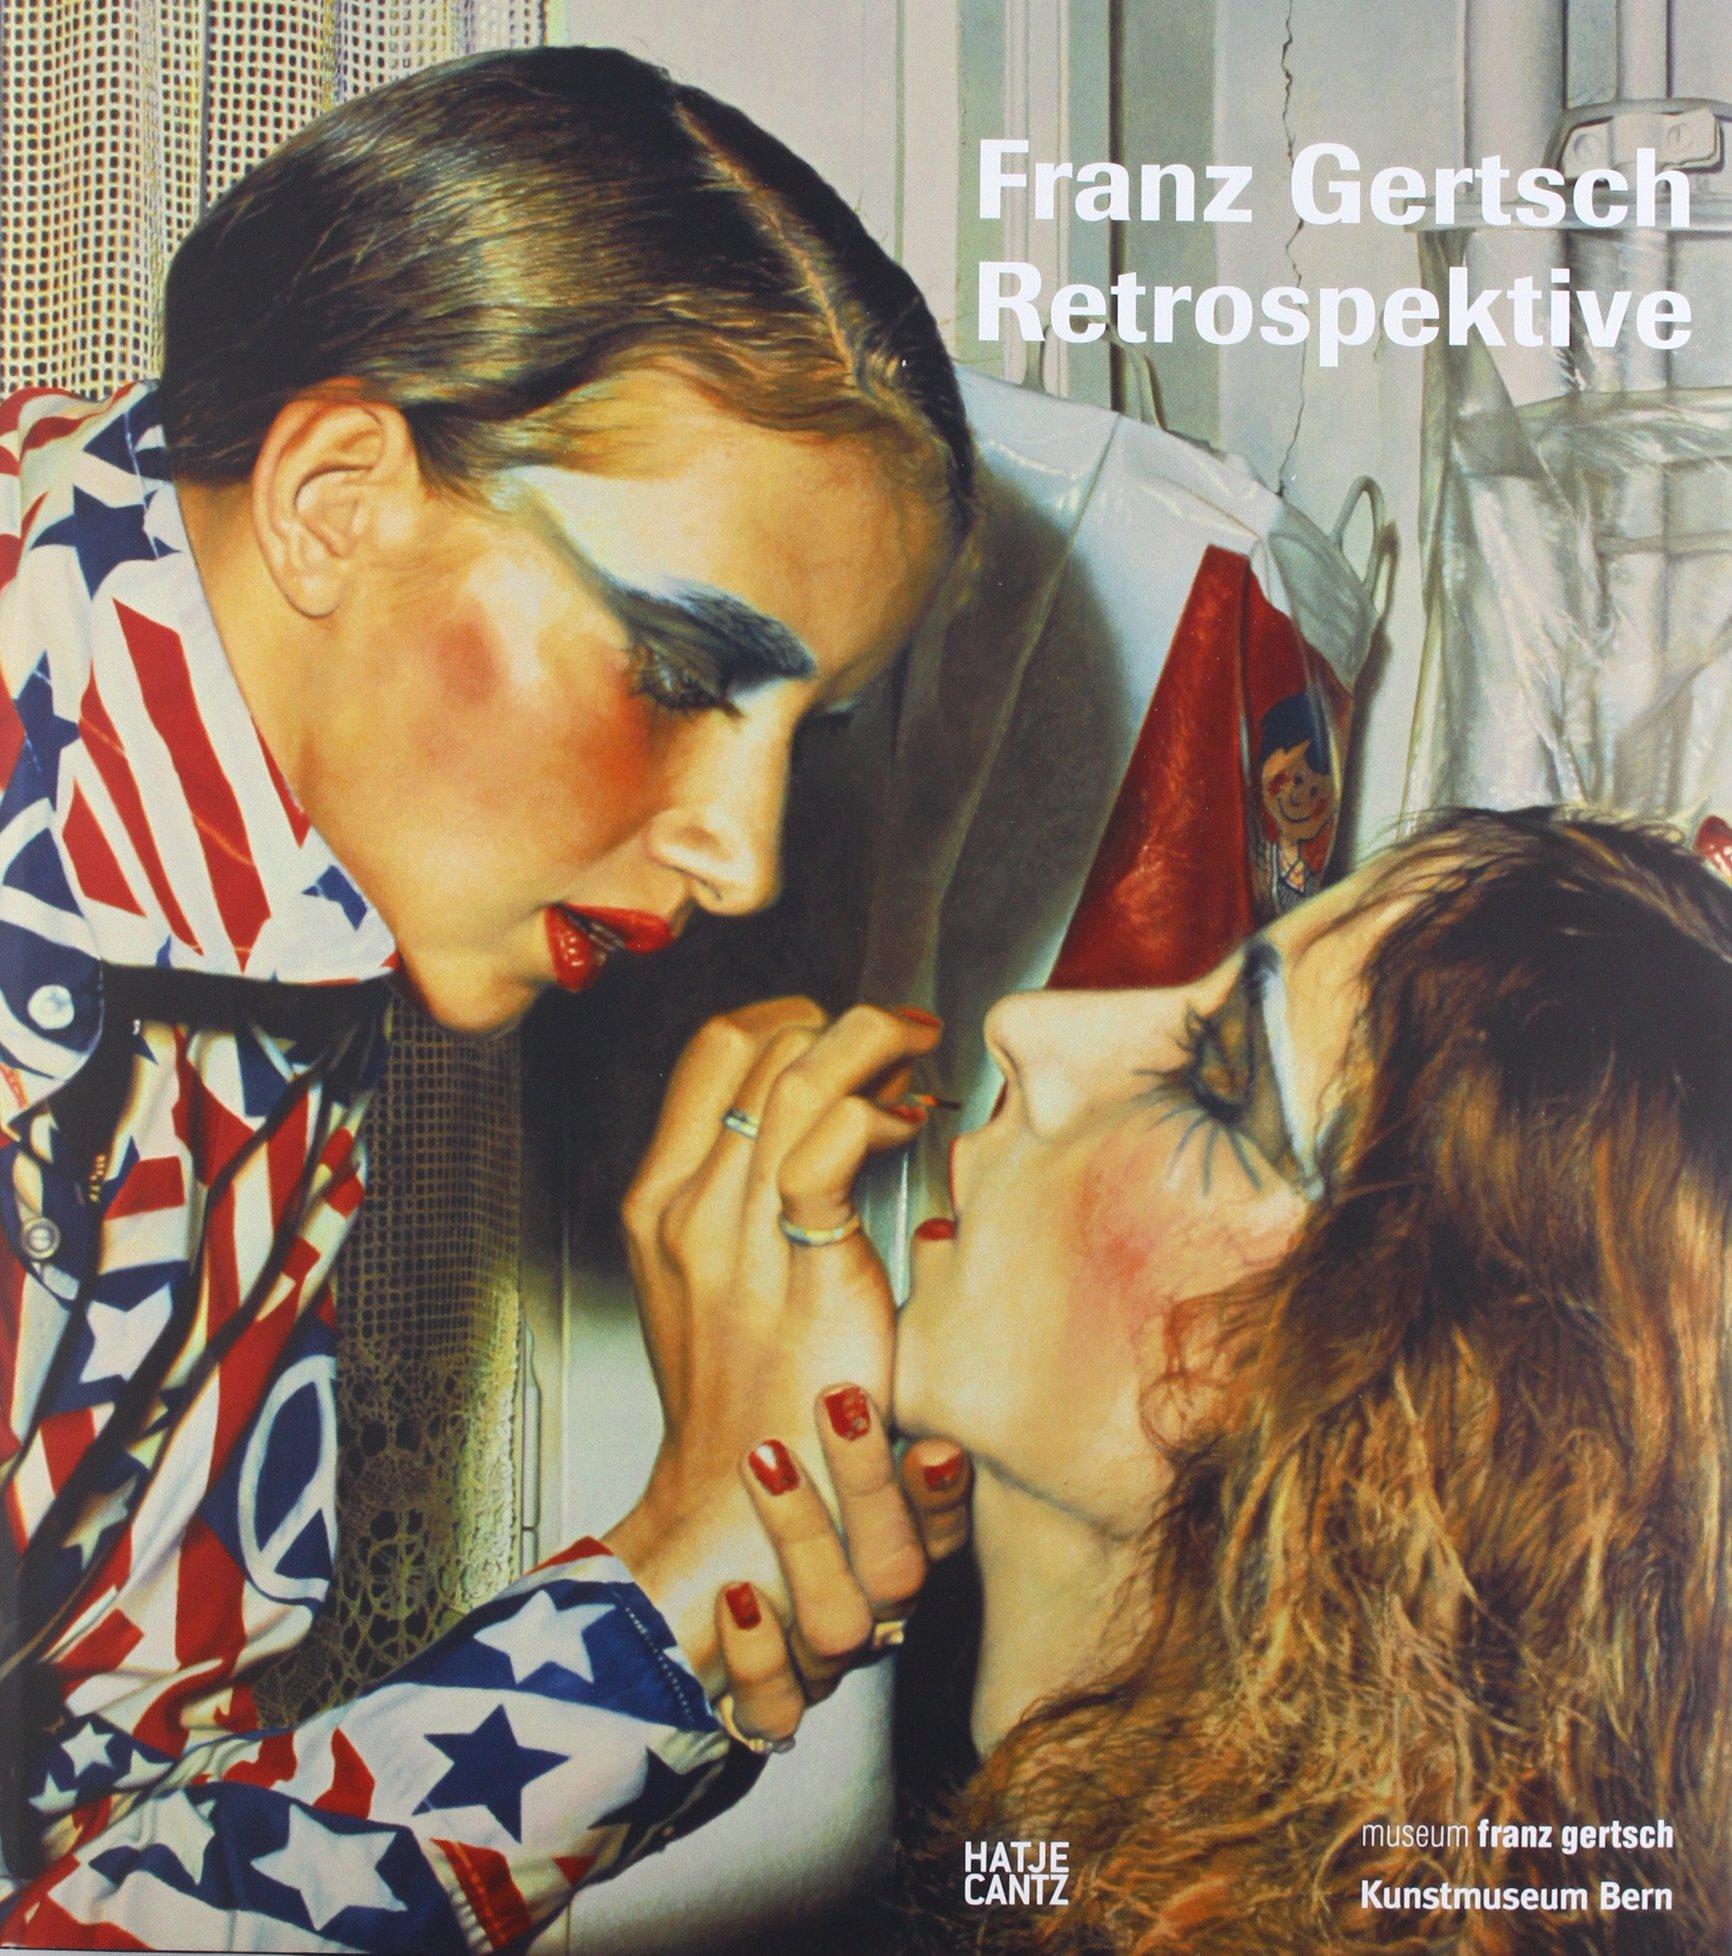 Franz Gertsch: Retrospektive: The Retrospective